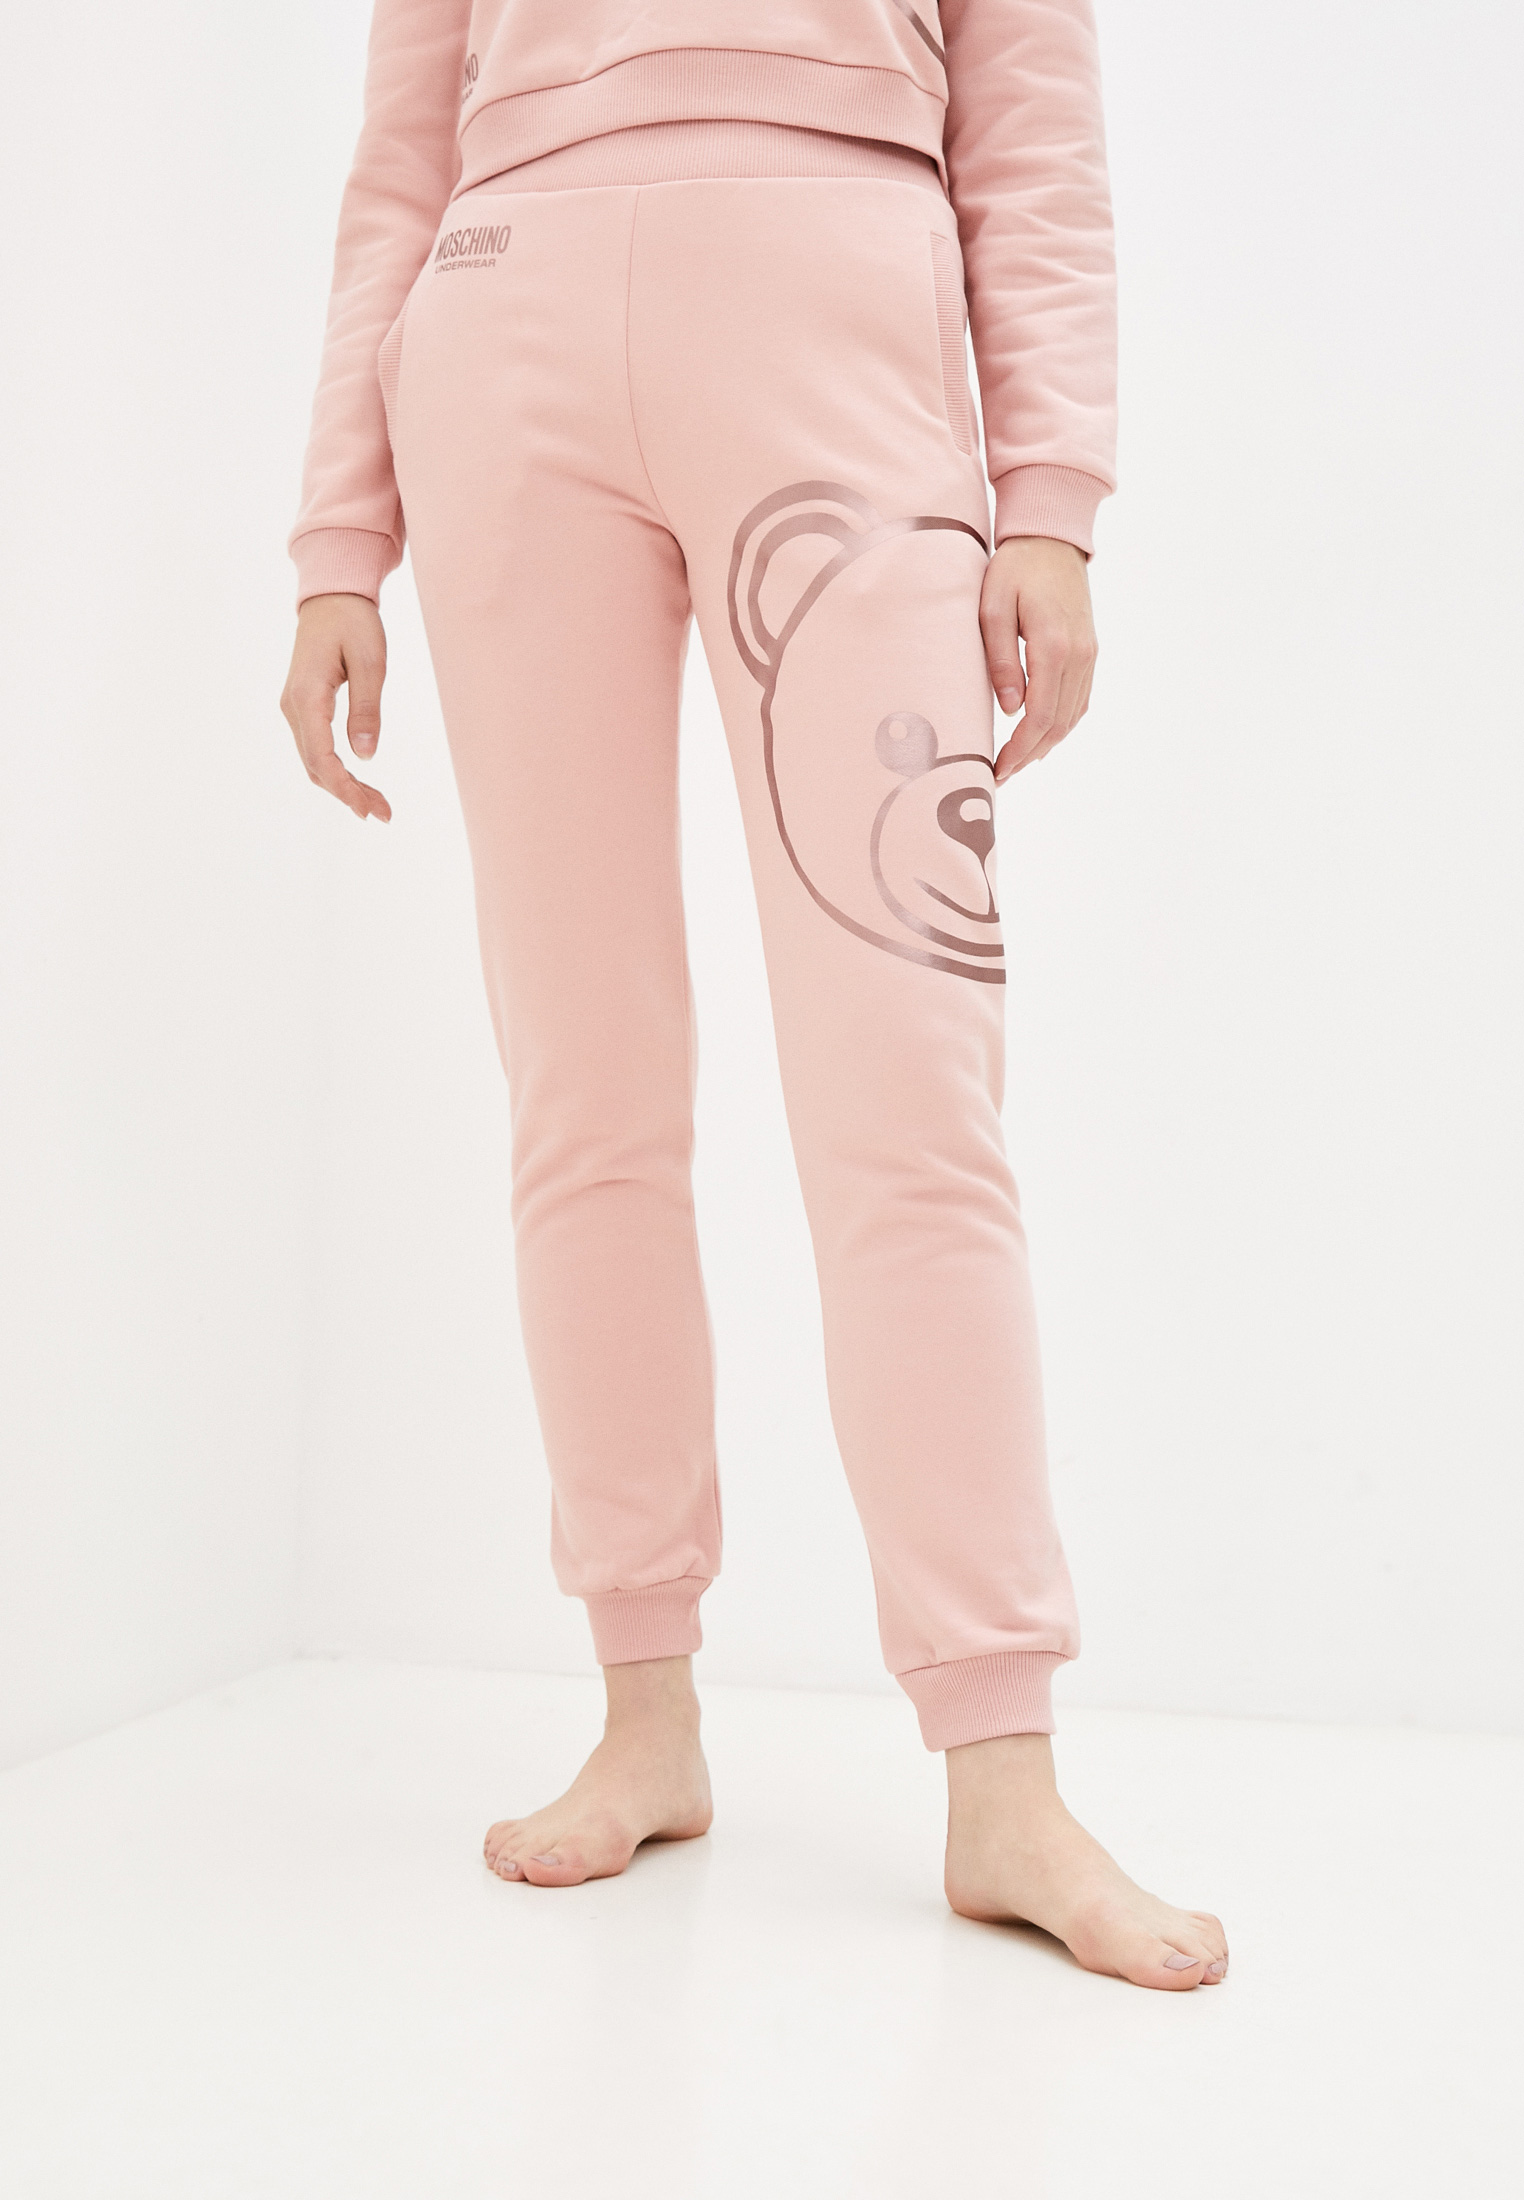 Женские спортивные брюки Moschino Underwear Брюки спортивные Moschino Underwear